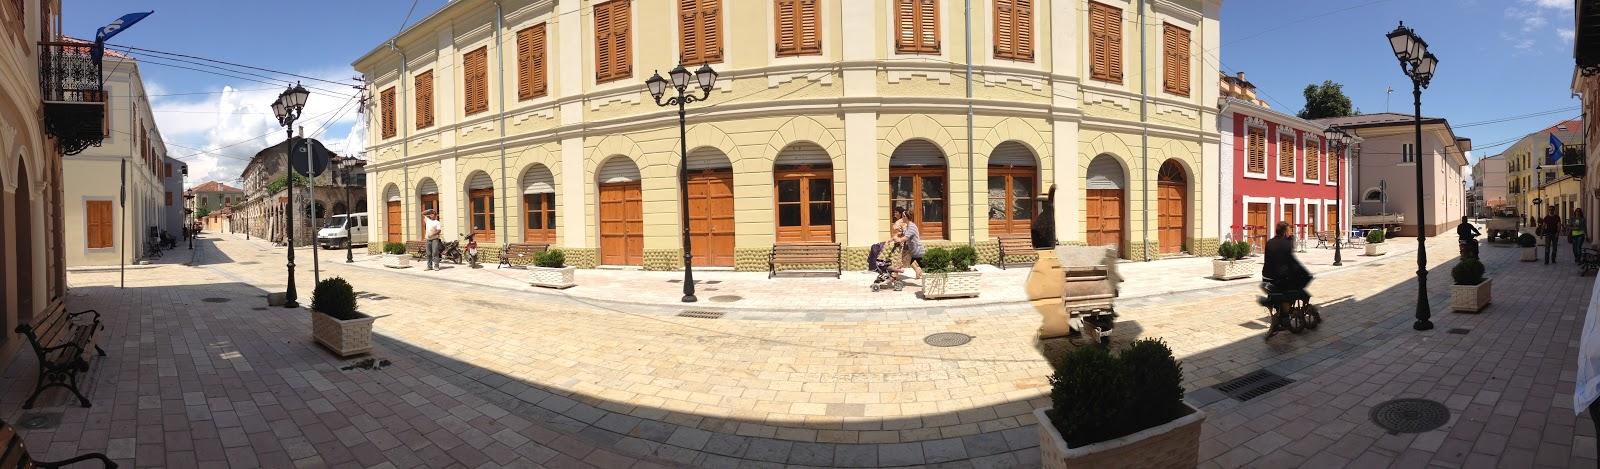 Day 13 - 2013-06-06 - Shkodër - IMG_0940.JPG